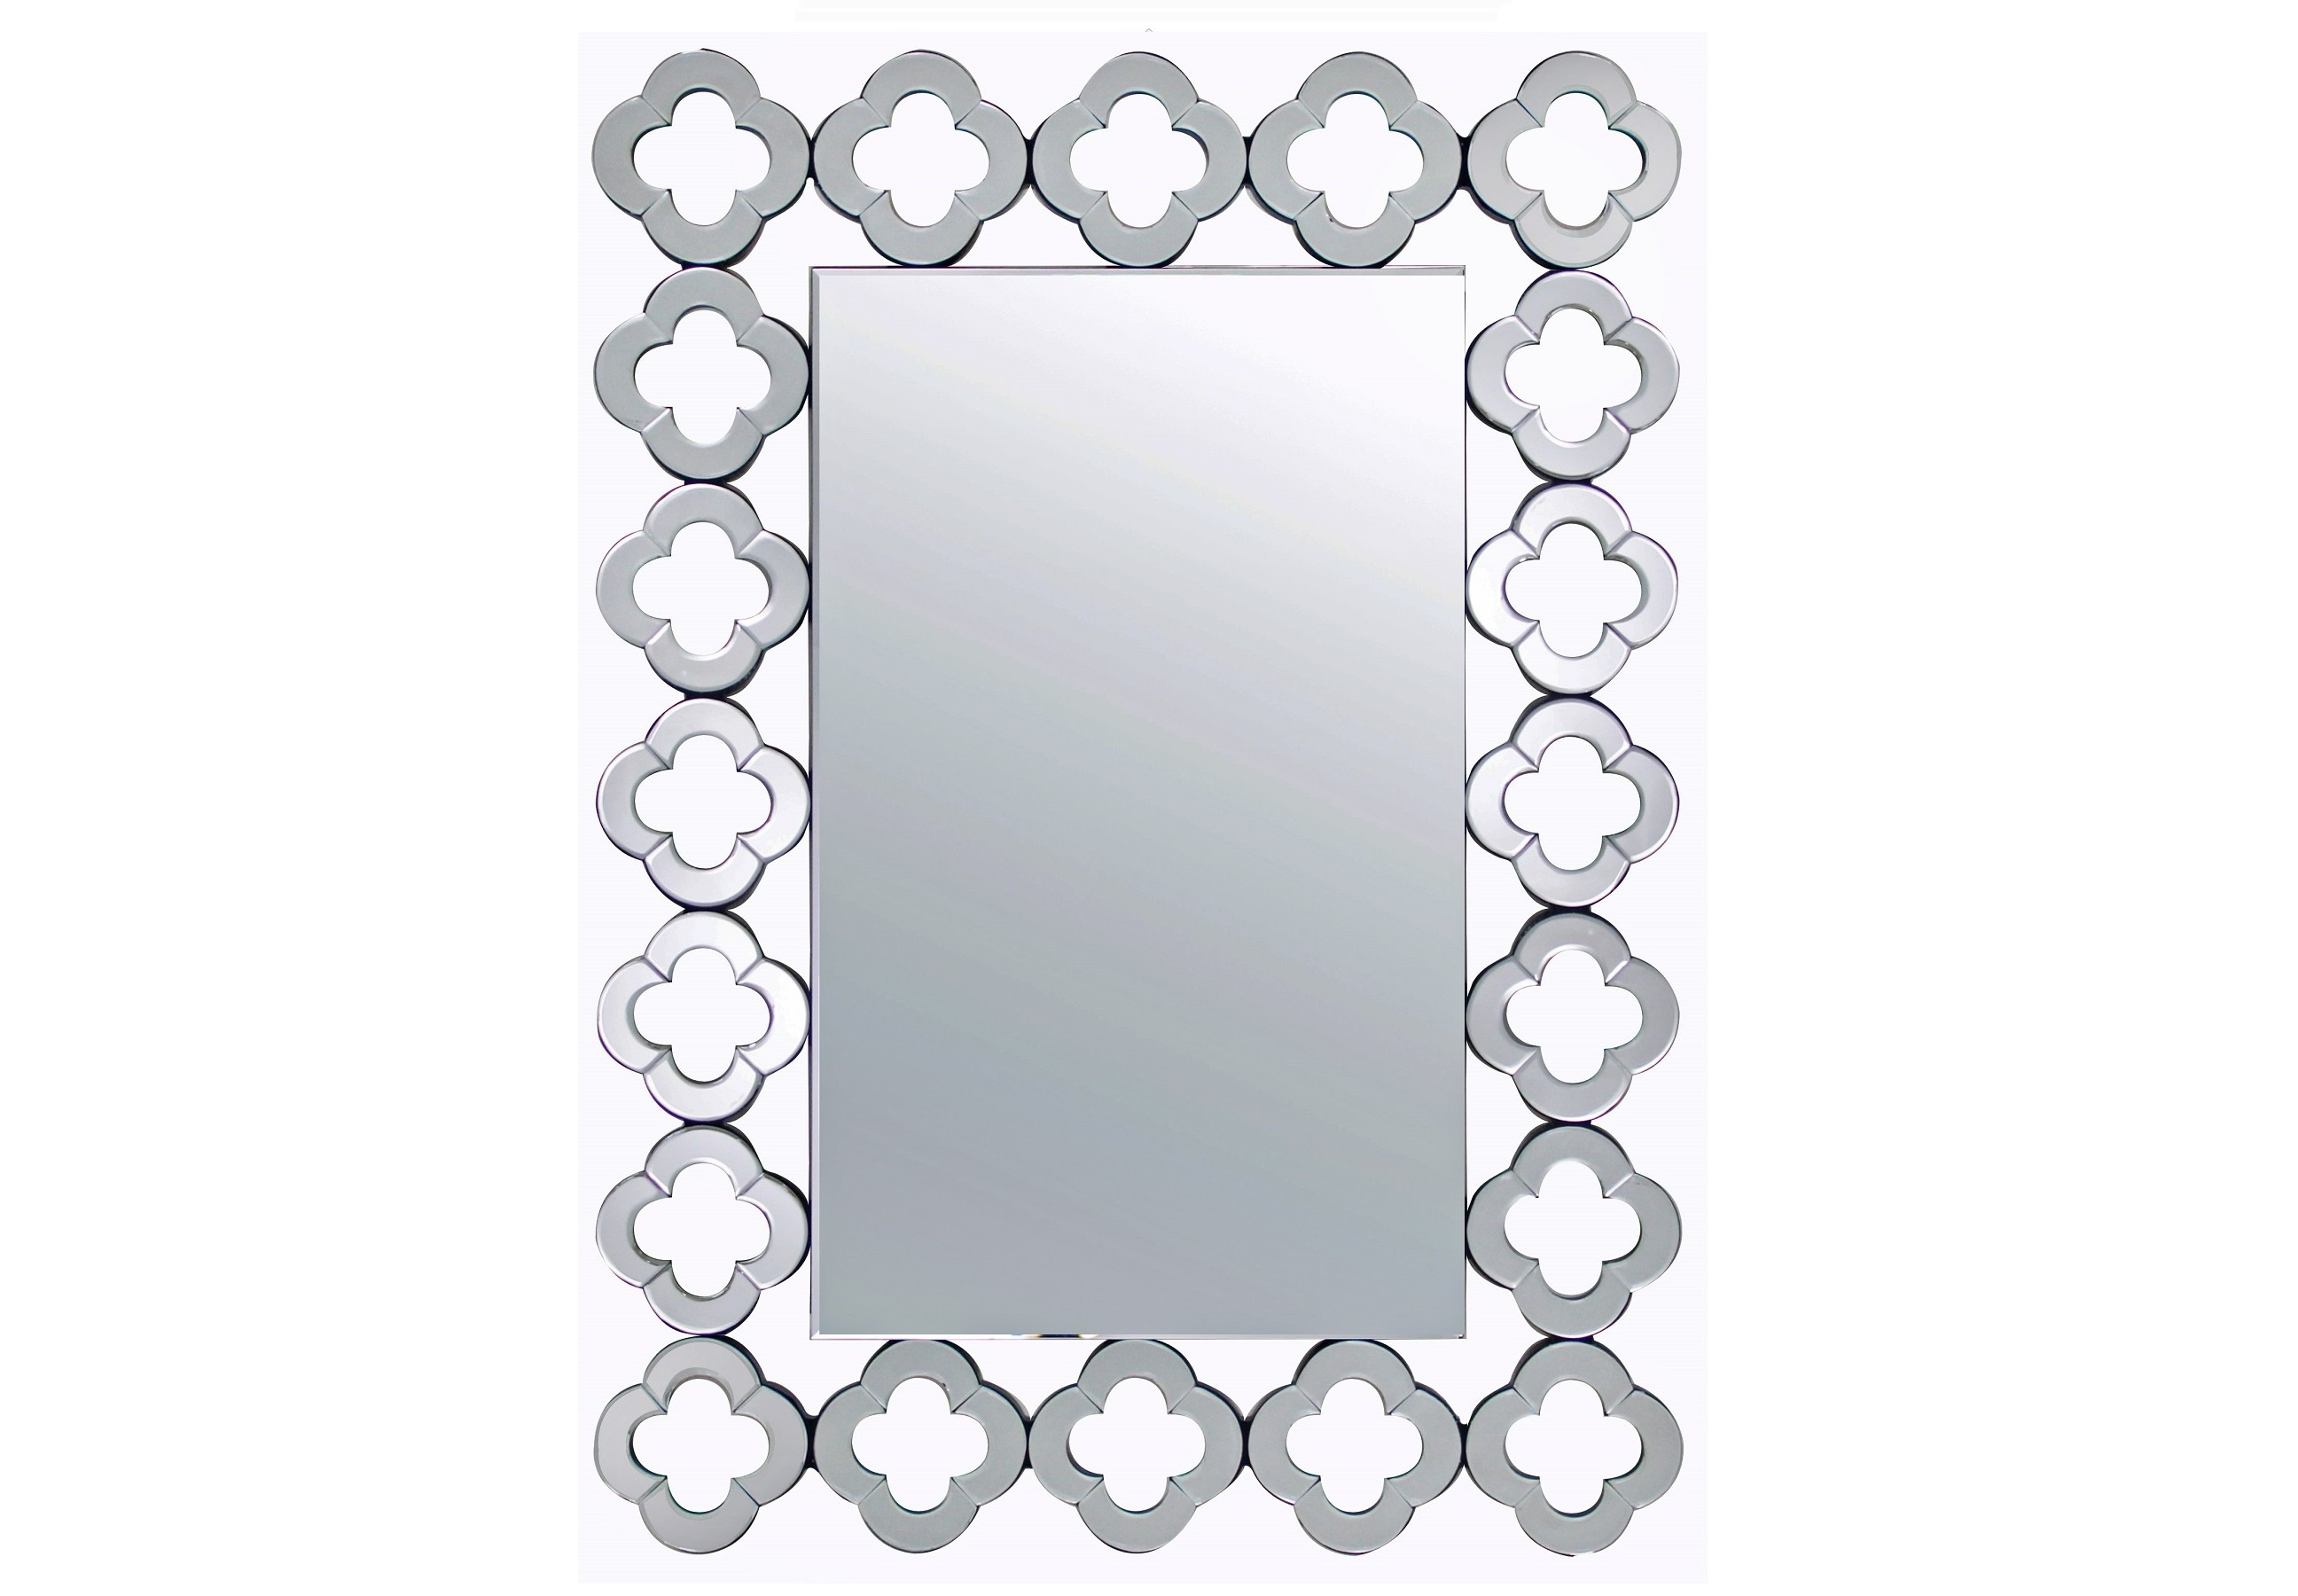 Зеркало CelebrazioneНастенные зеркала<br><br><br>Material: МДФ<br>Length см: None<br>Width см: 80<br>Depth см: 2<br>Height см: 111